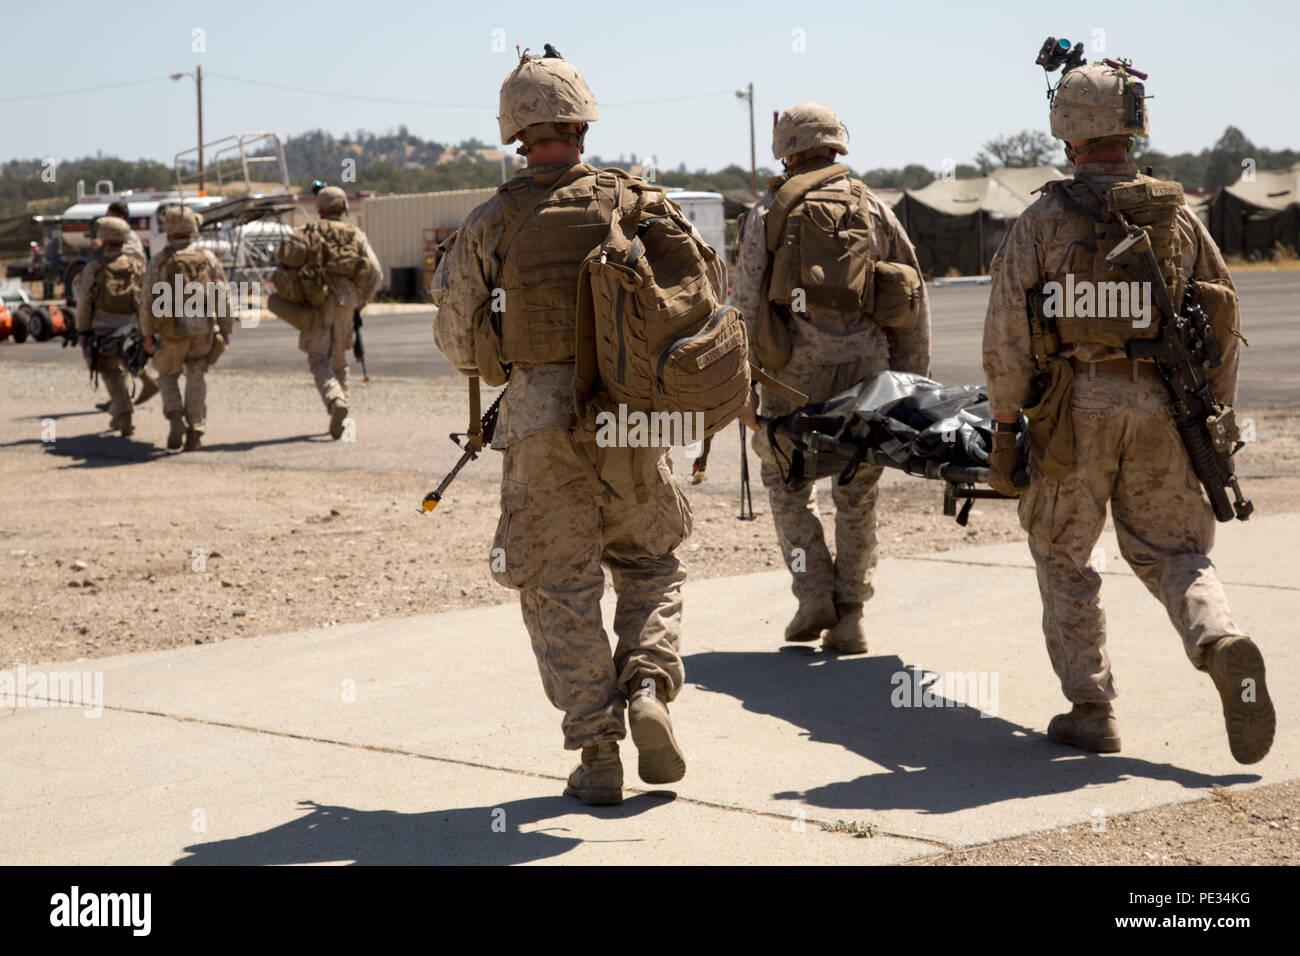 Online datiert uns Marineinfanteristen Sande Agatha aus dem dunklen Teil 11